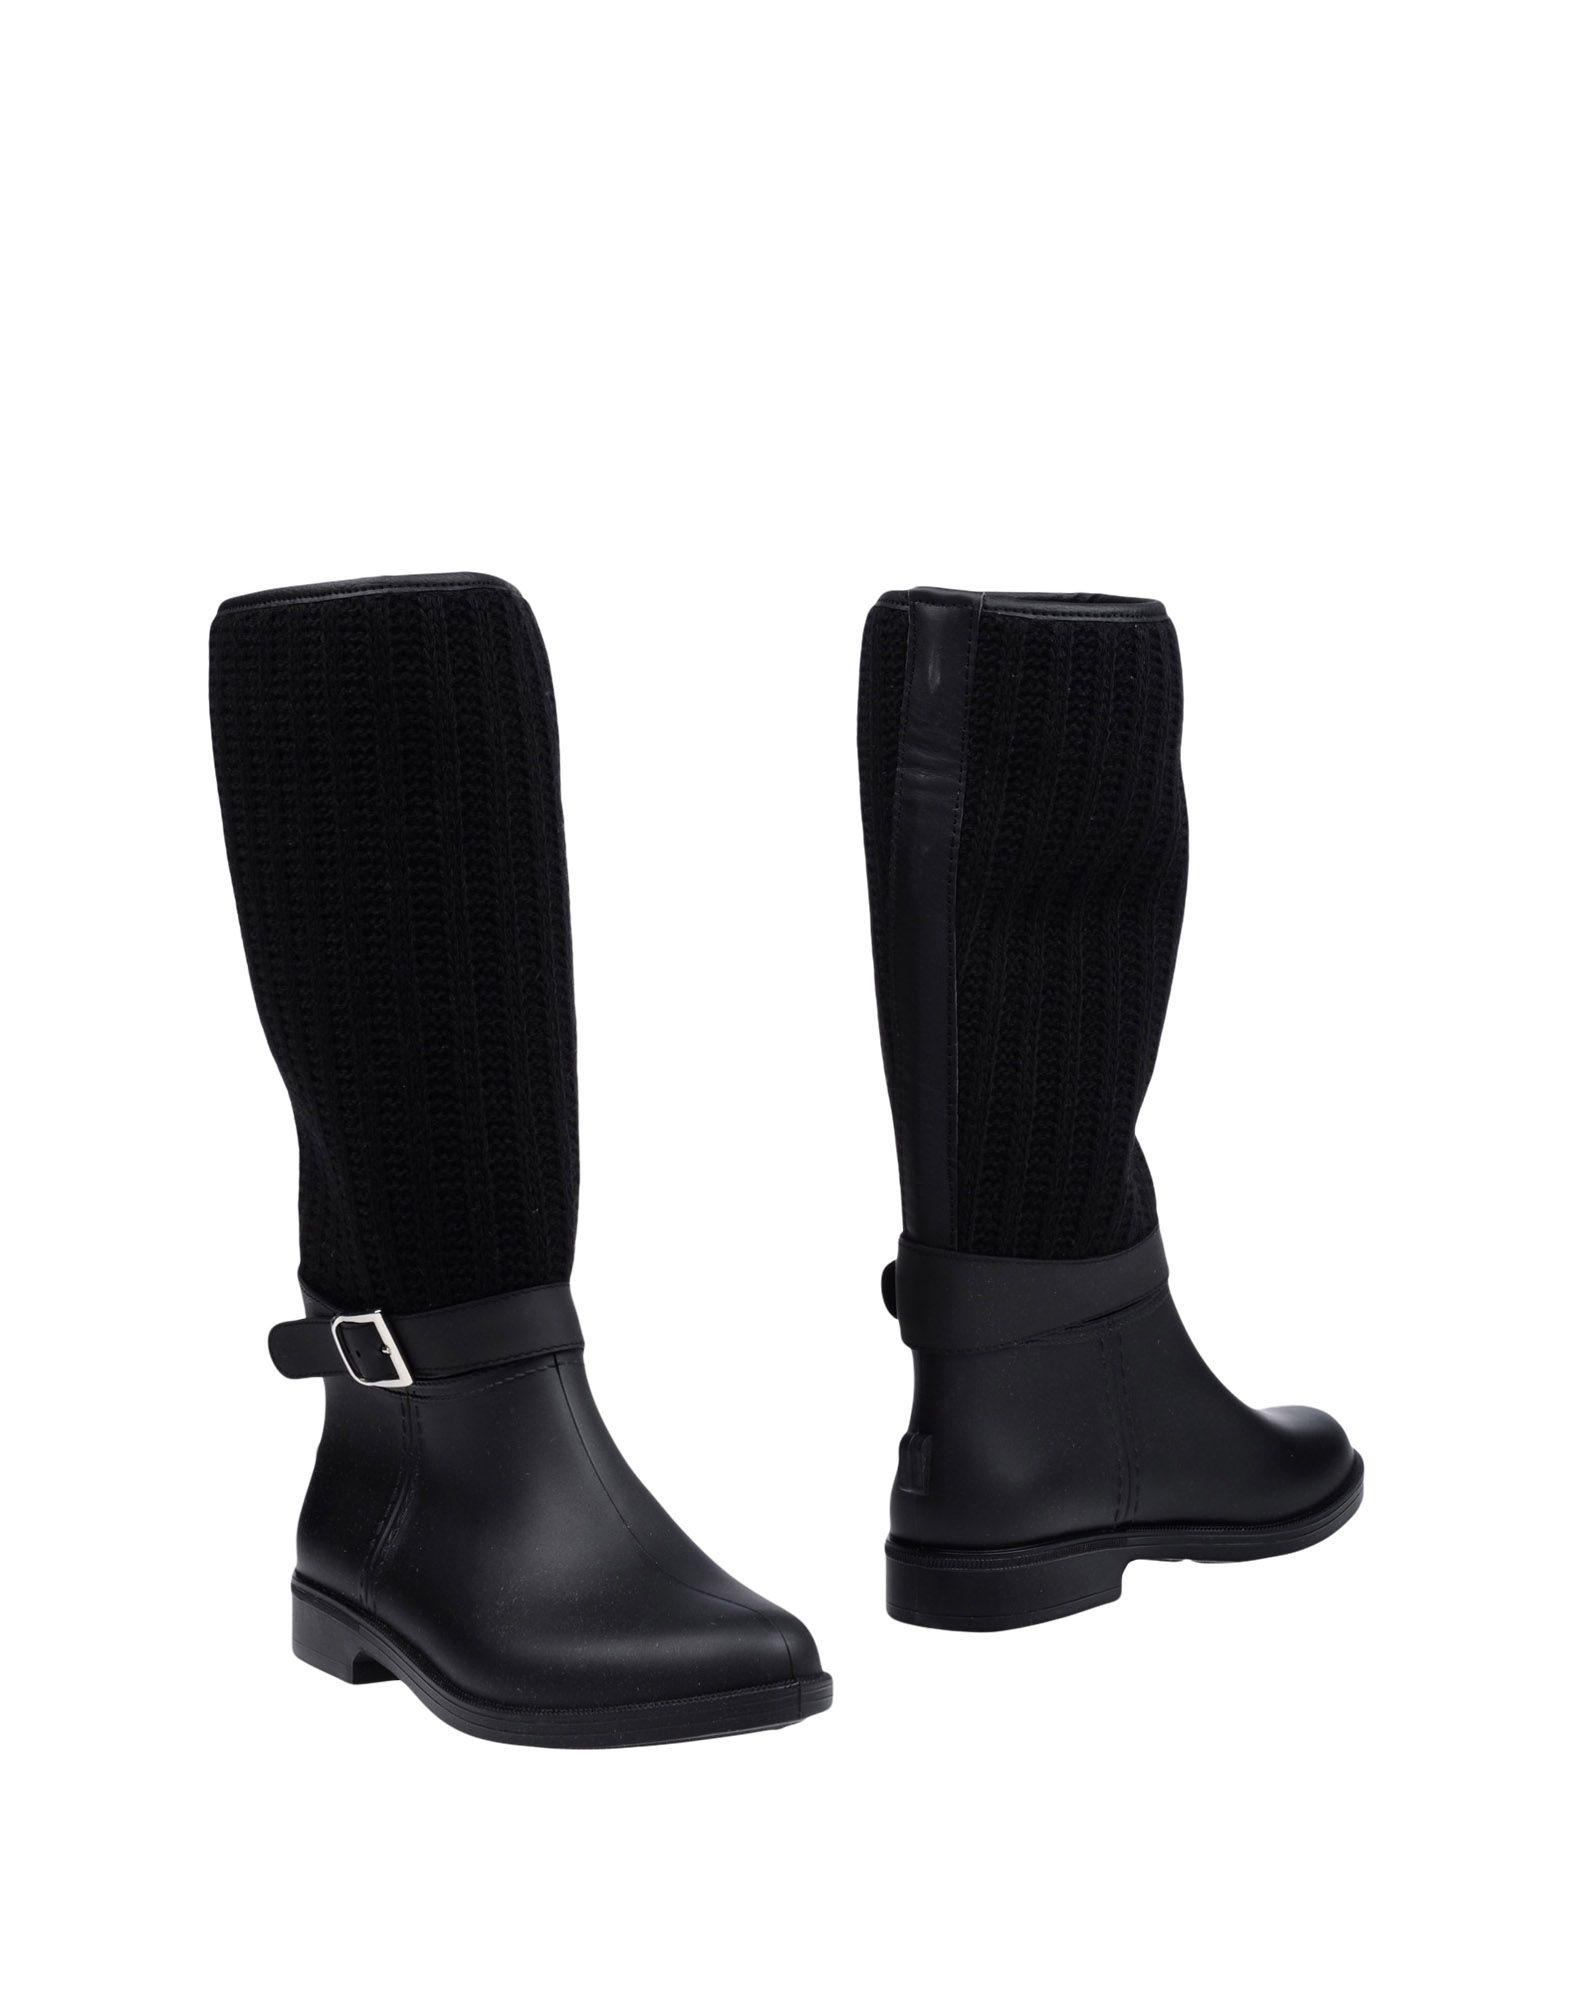 Bagatt Stiefel Damen  11283244HL Gute Qualität beliebte Schuhe